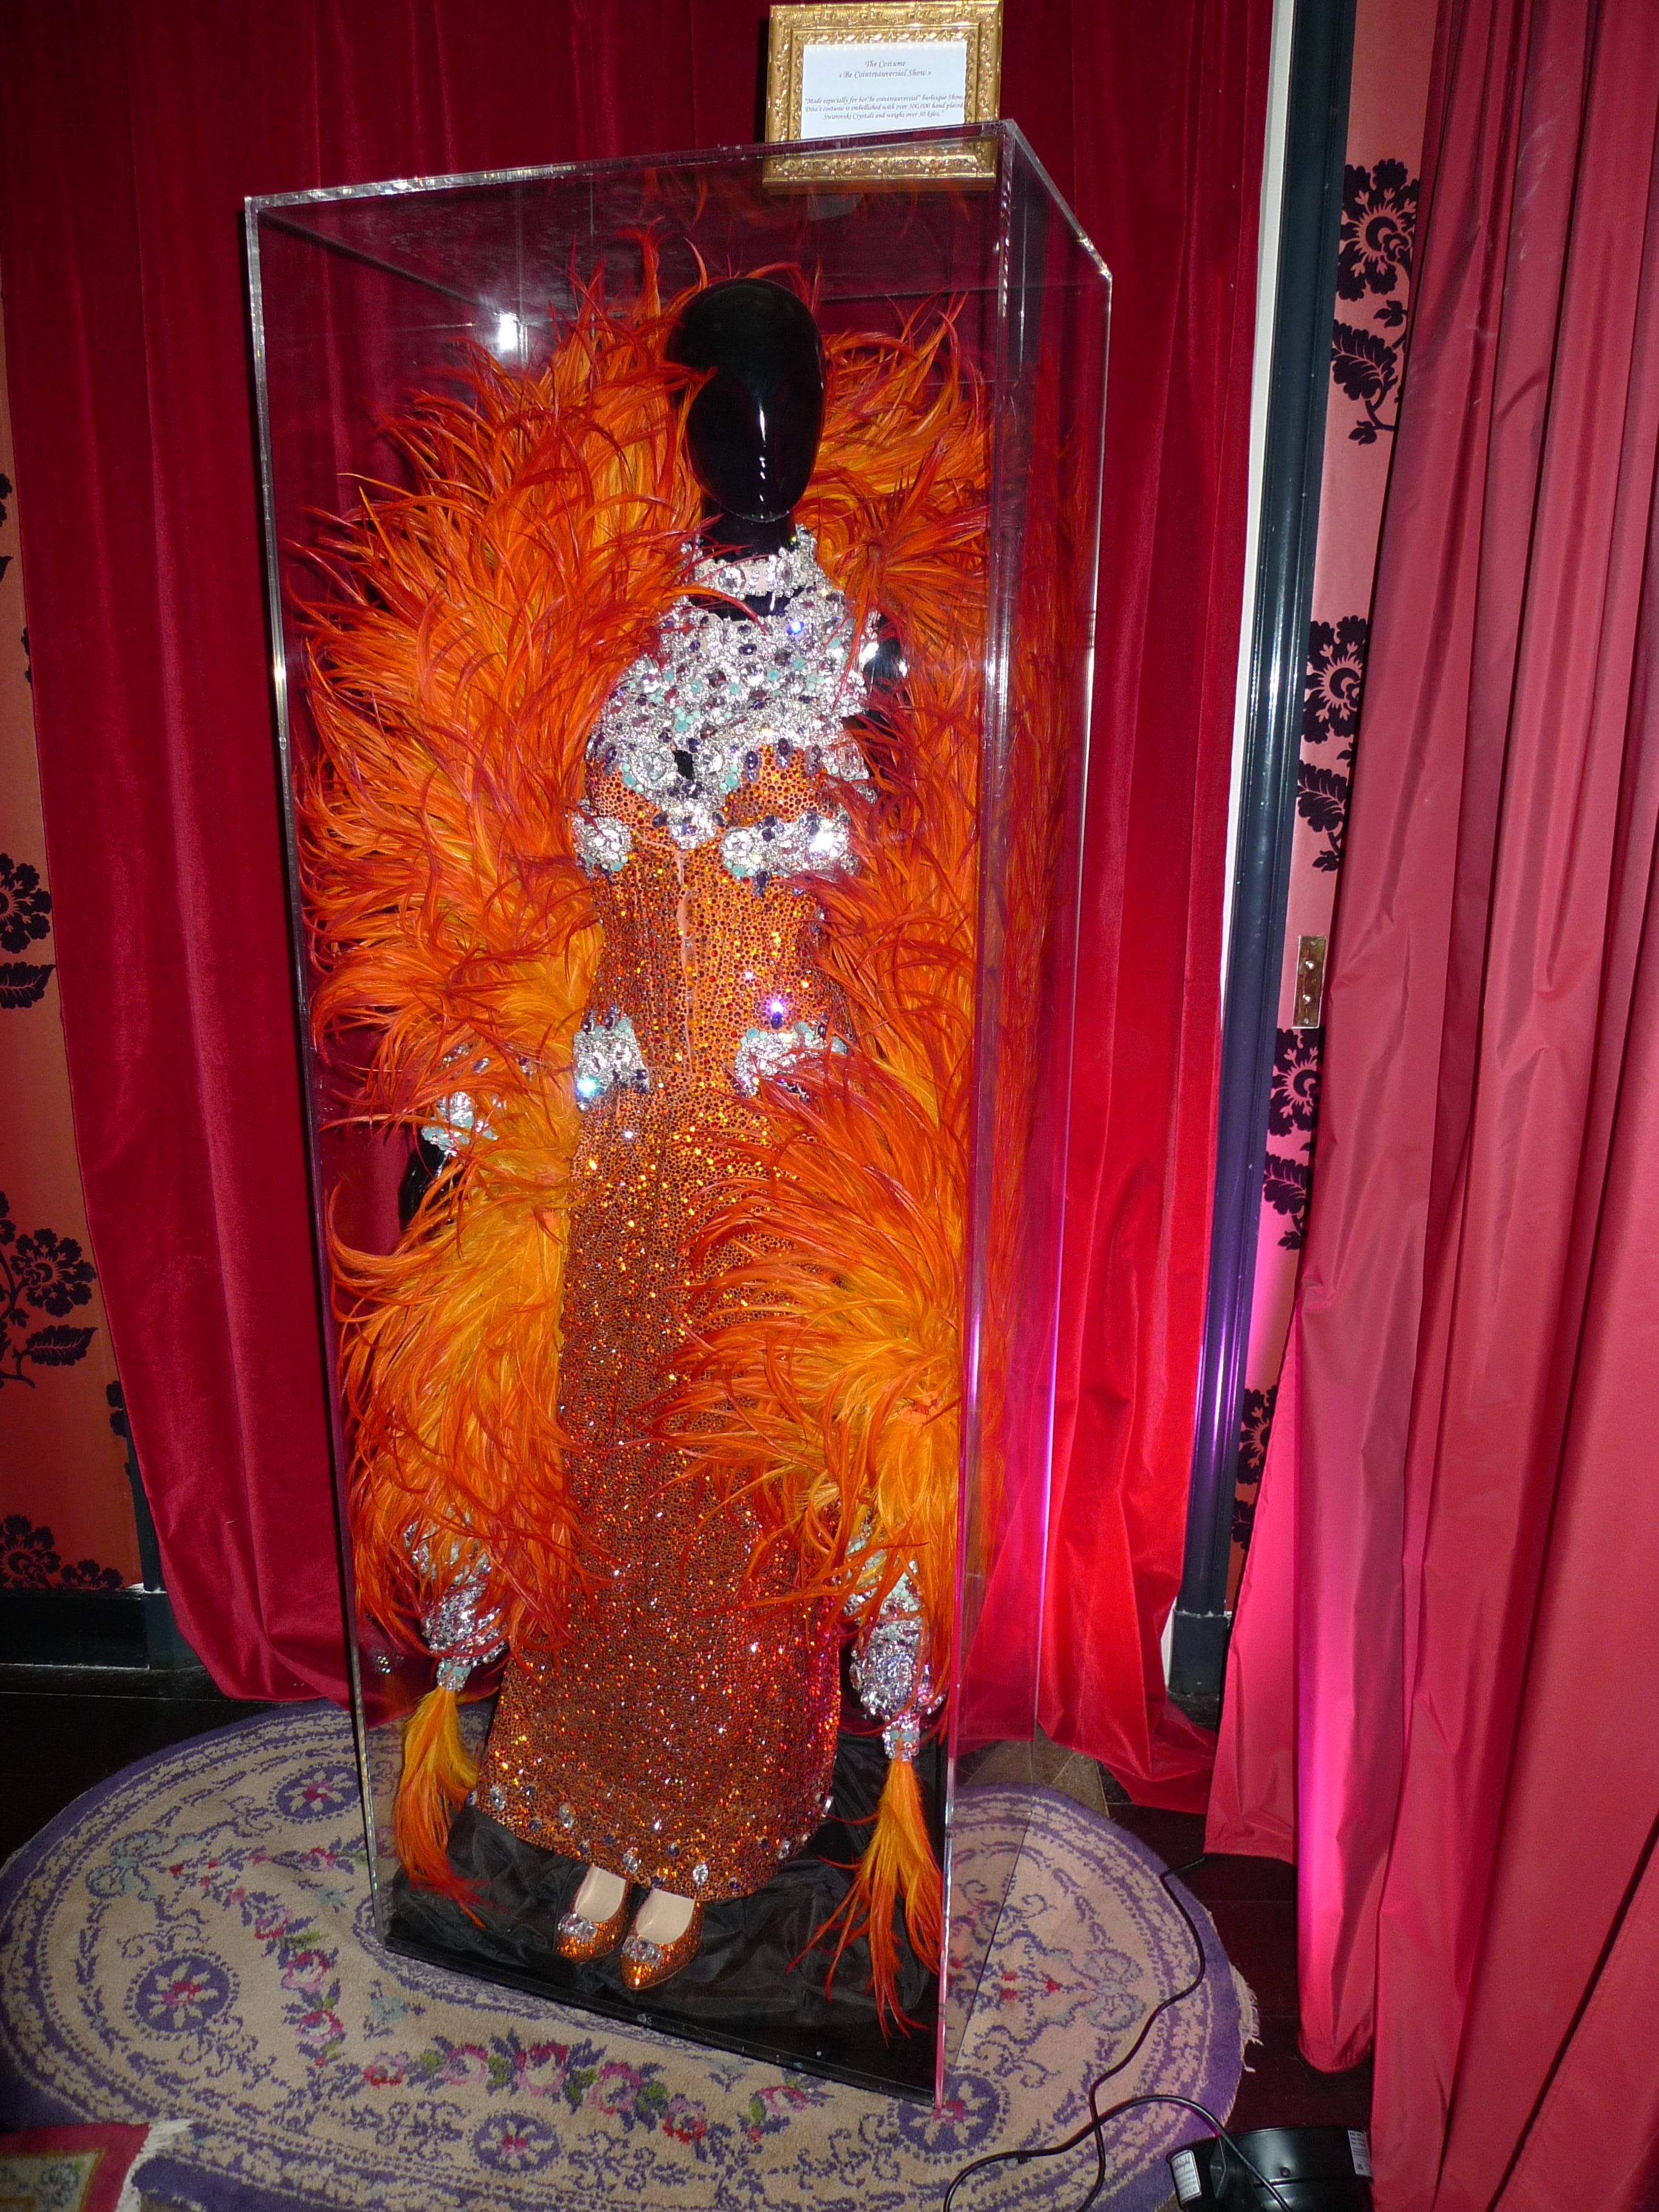 Soirée à l'Hôtel Particulier de Montmartre décoré par Dita Von Teese (3)